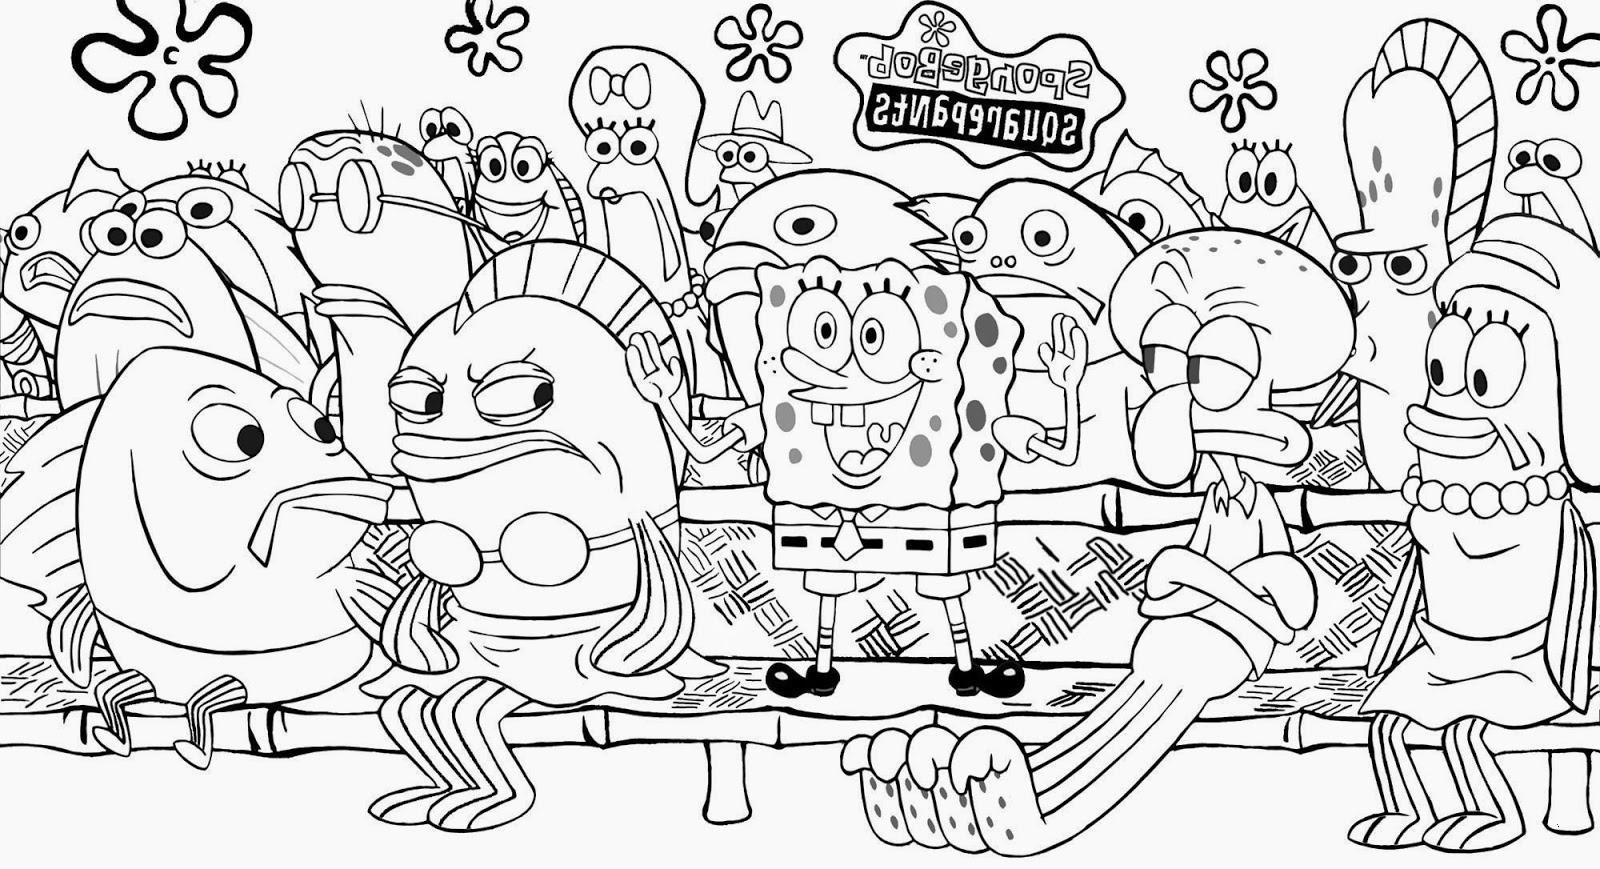 Traktor Zeichnungen Zum Ausmalen Das Beste Von 44 Einzigartig Schwierige Ausmalbilder – Große Coloring Page Sammlung Bild